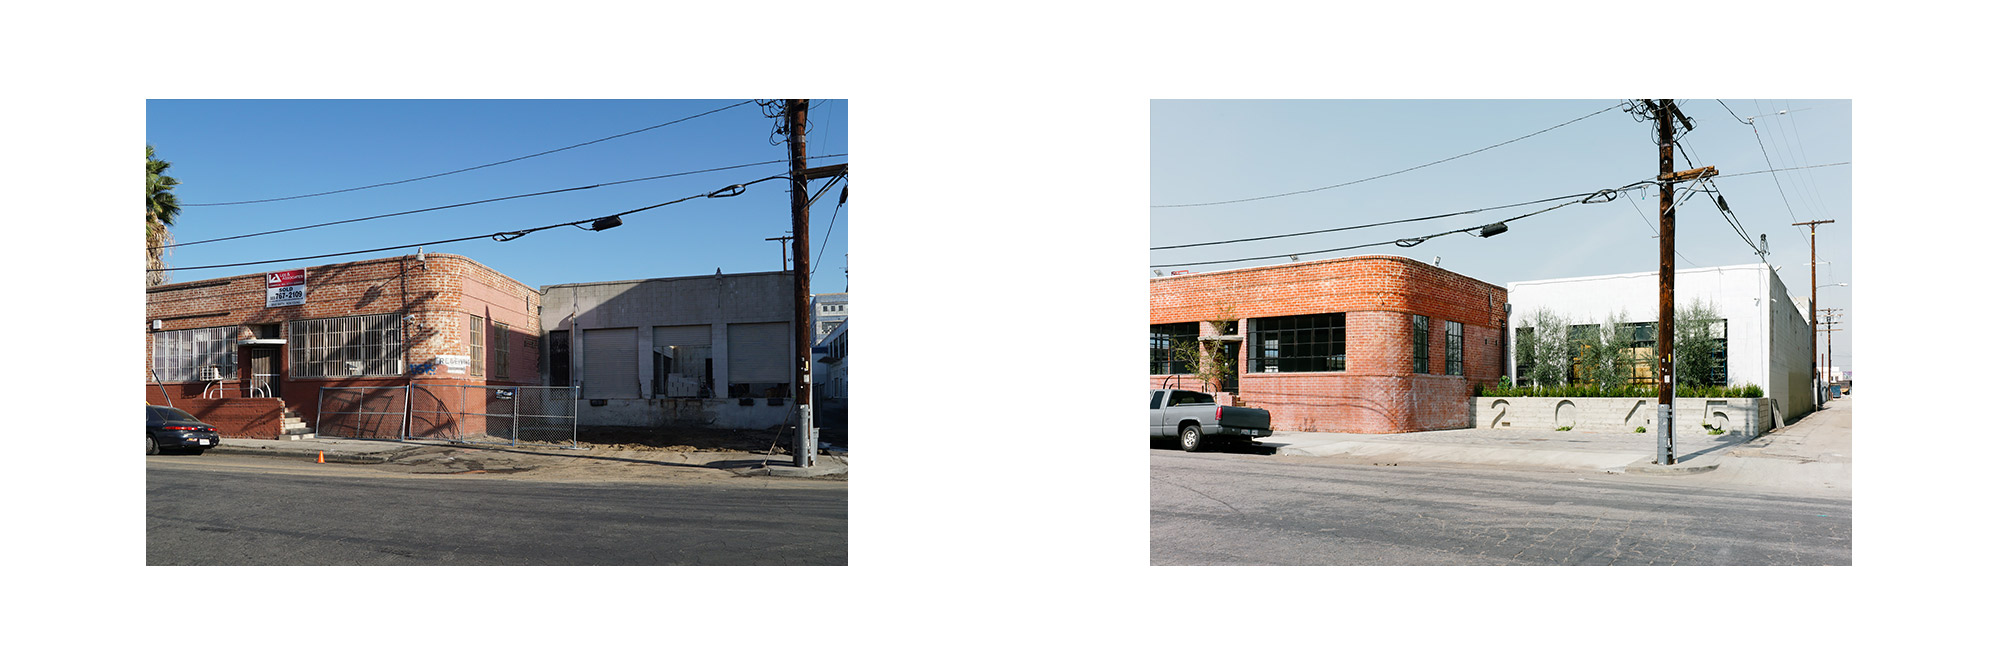 2045 East Violet Street10